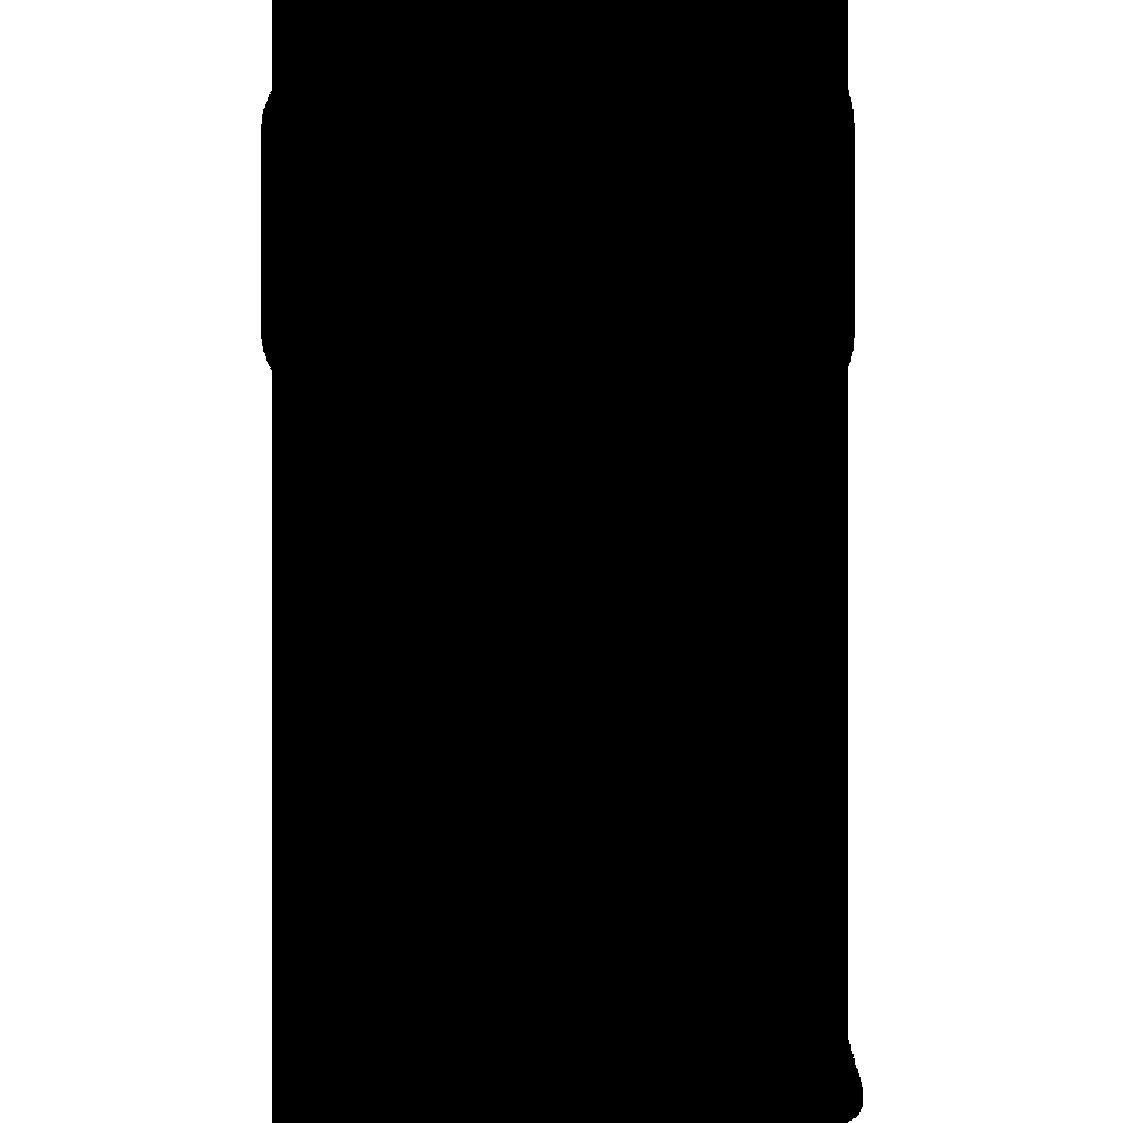 PRODUCTION-CROP-black.png